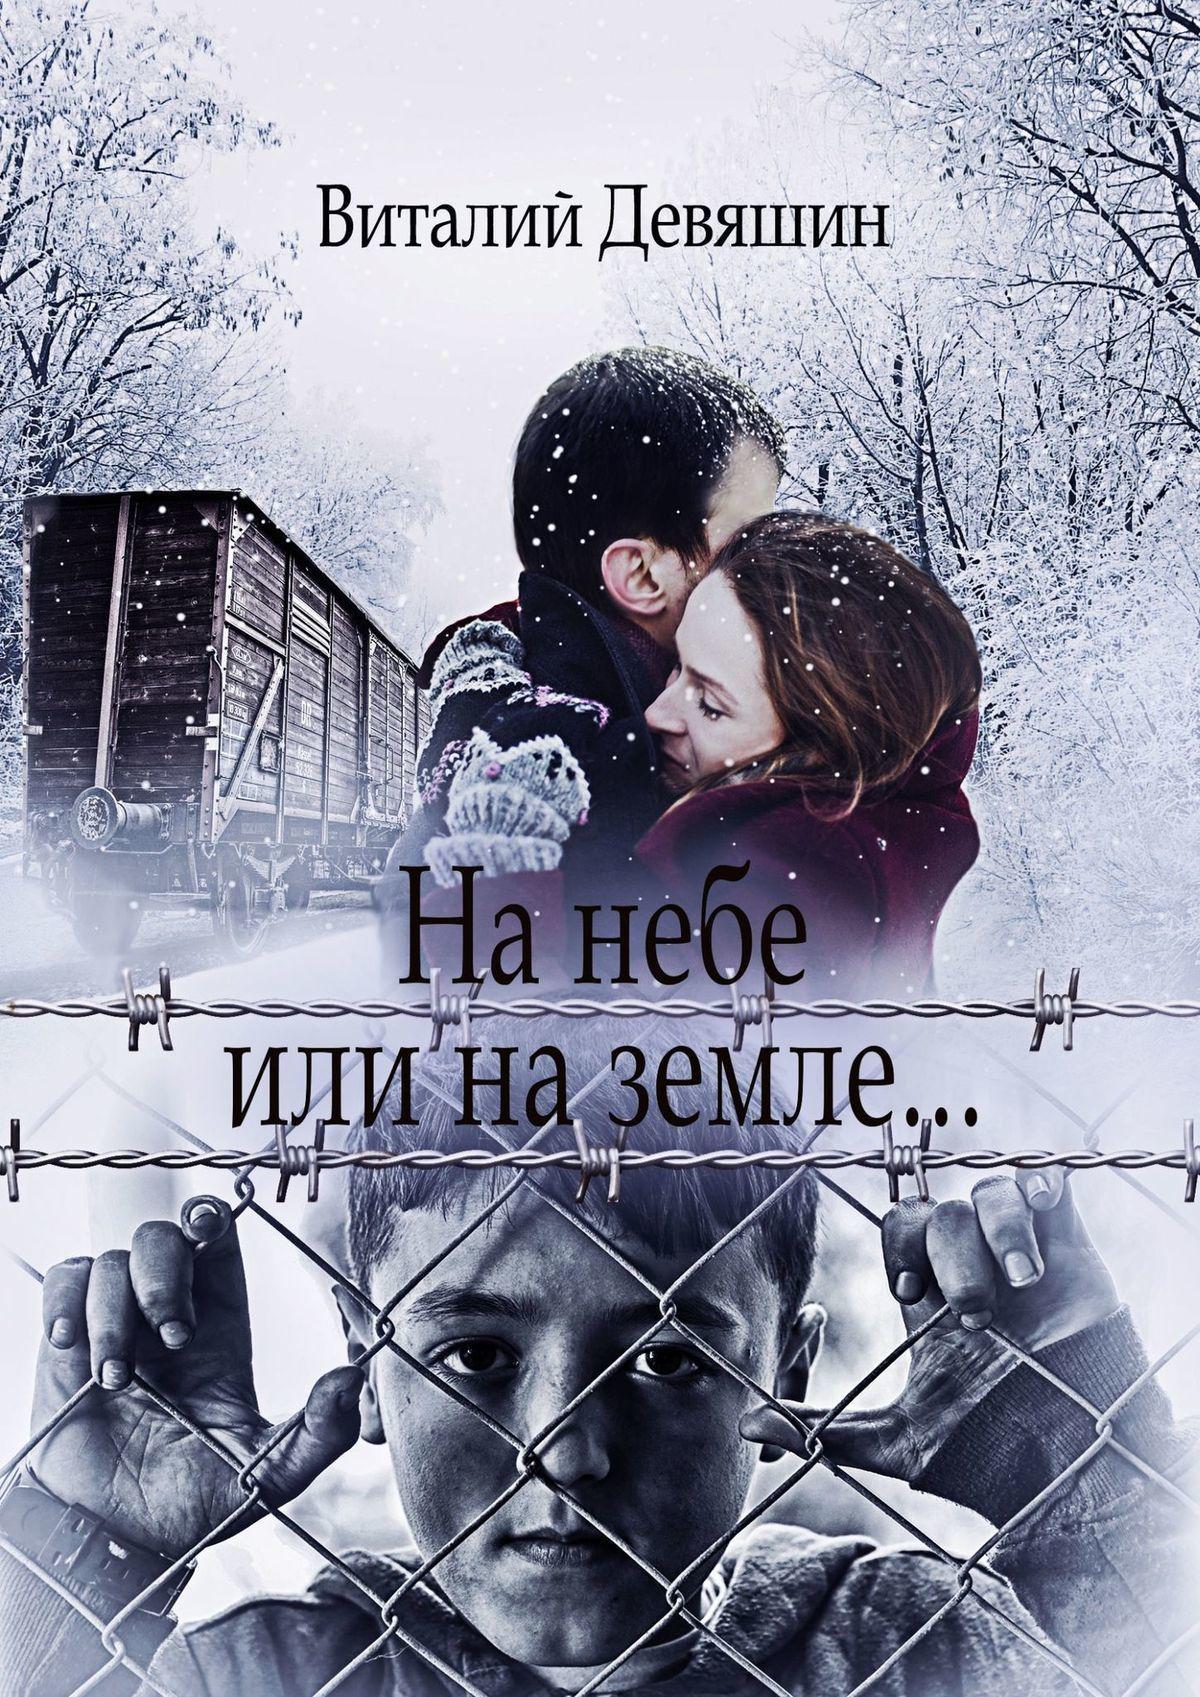 Виталий Девяшин - Нанебе или наземле…